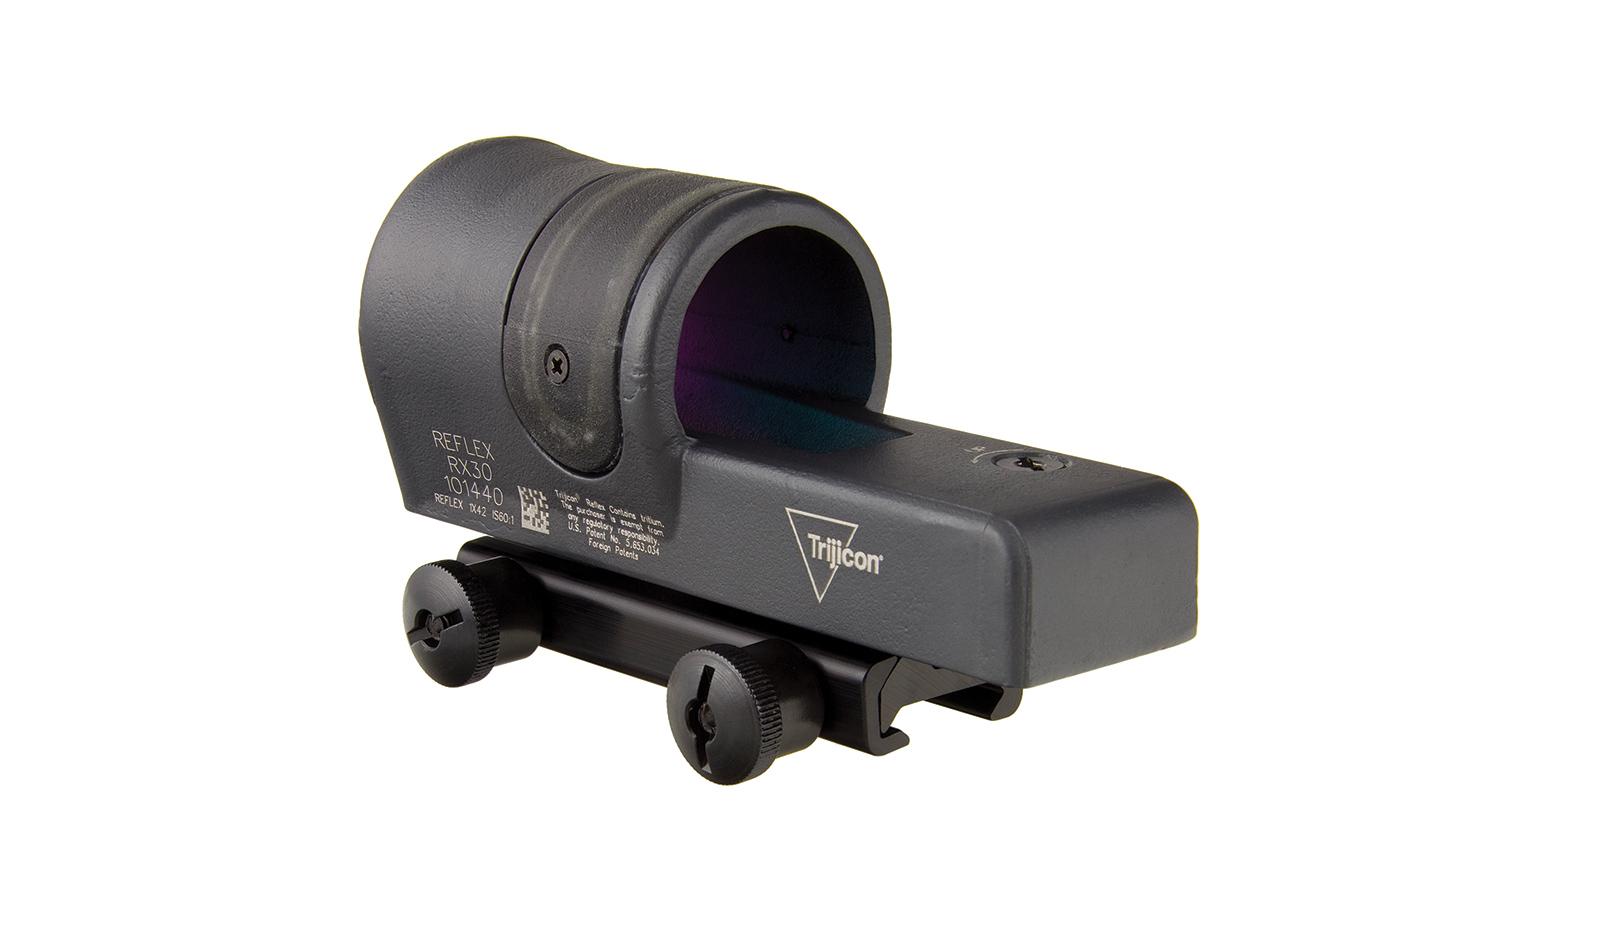 RX30-C-800089 angle 3